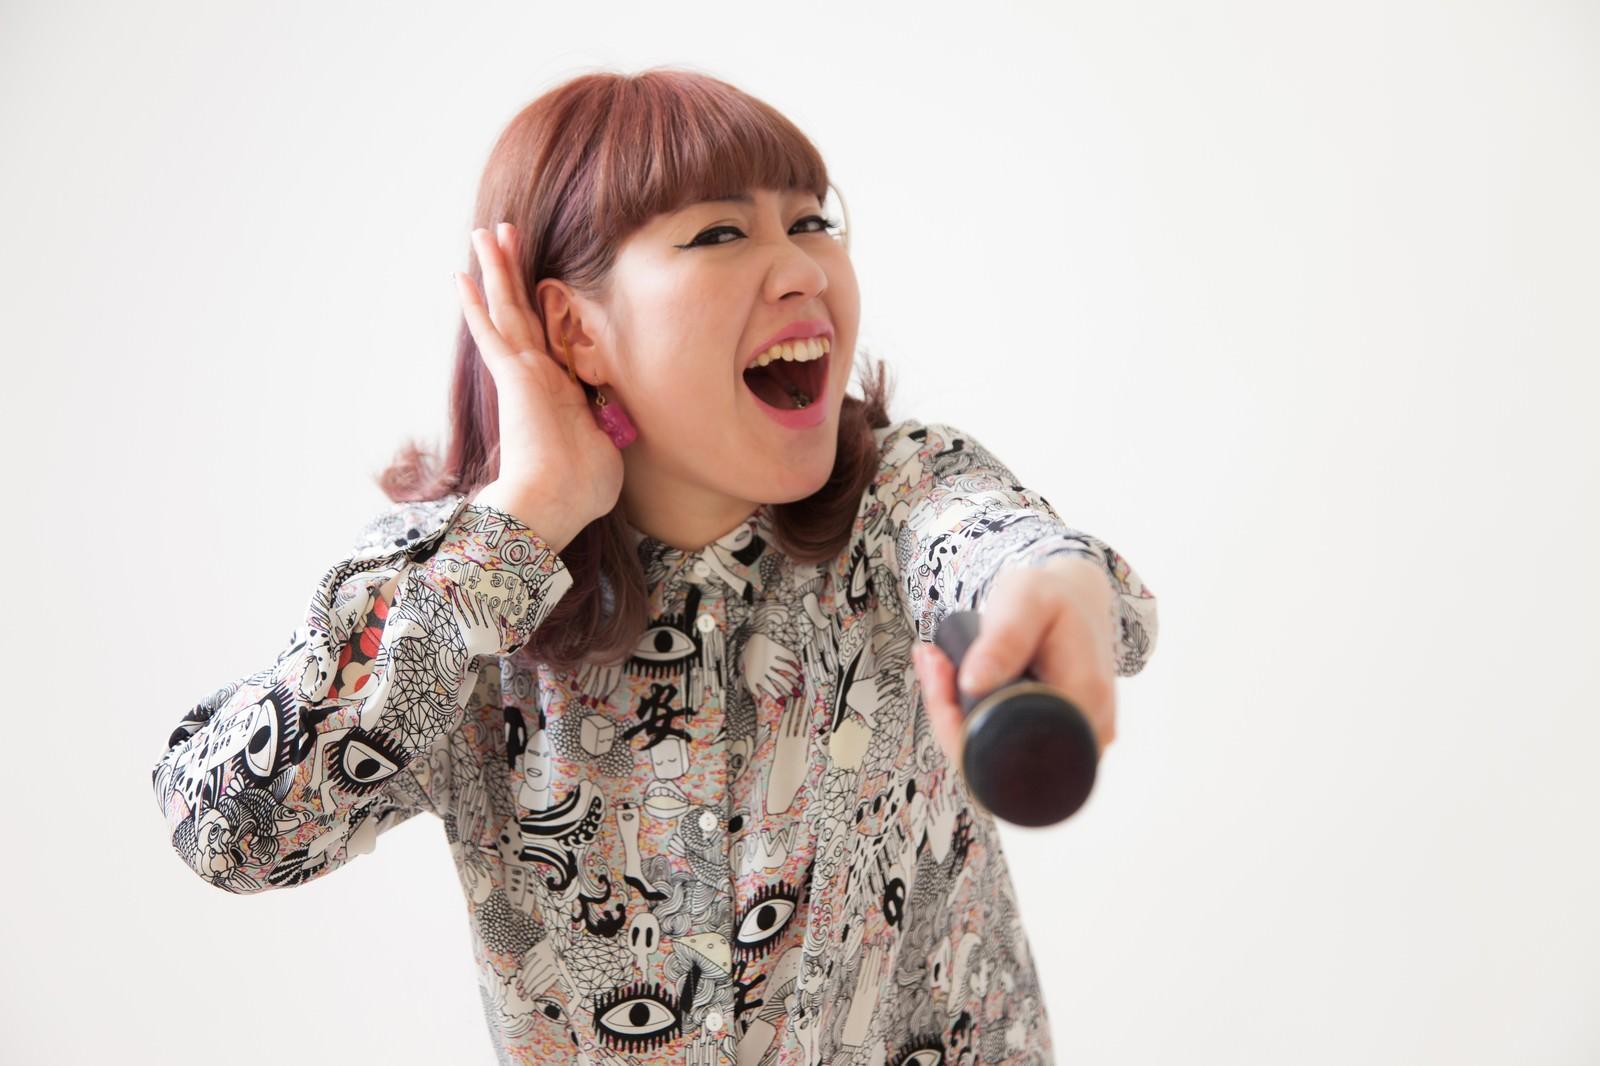 日本で一番歌われている時刻は「午前2時」と判明、興味深い調査結果が話題に